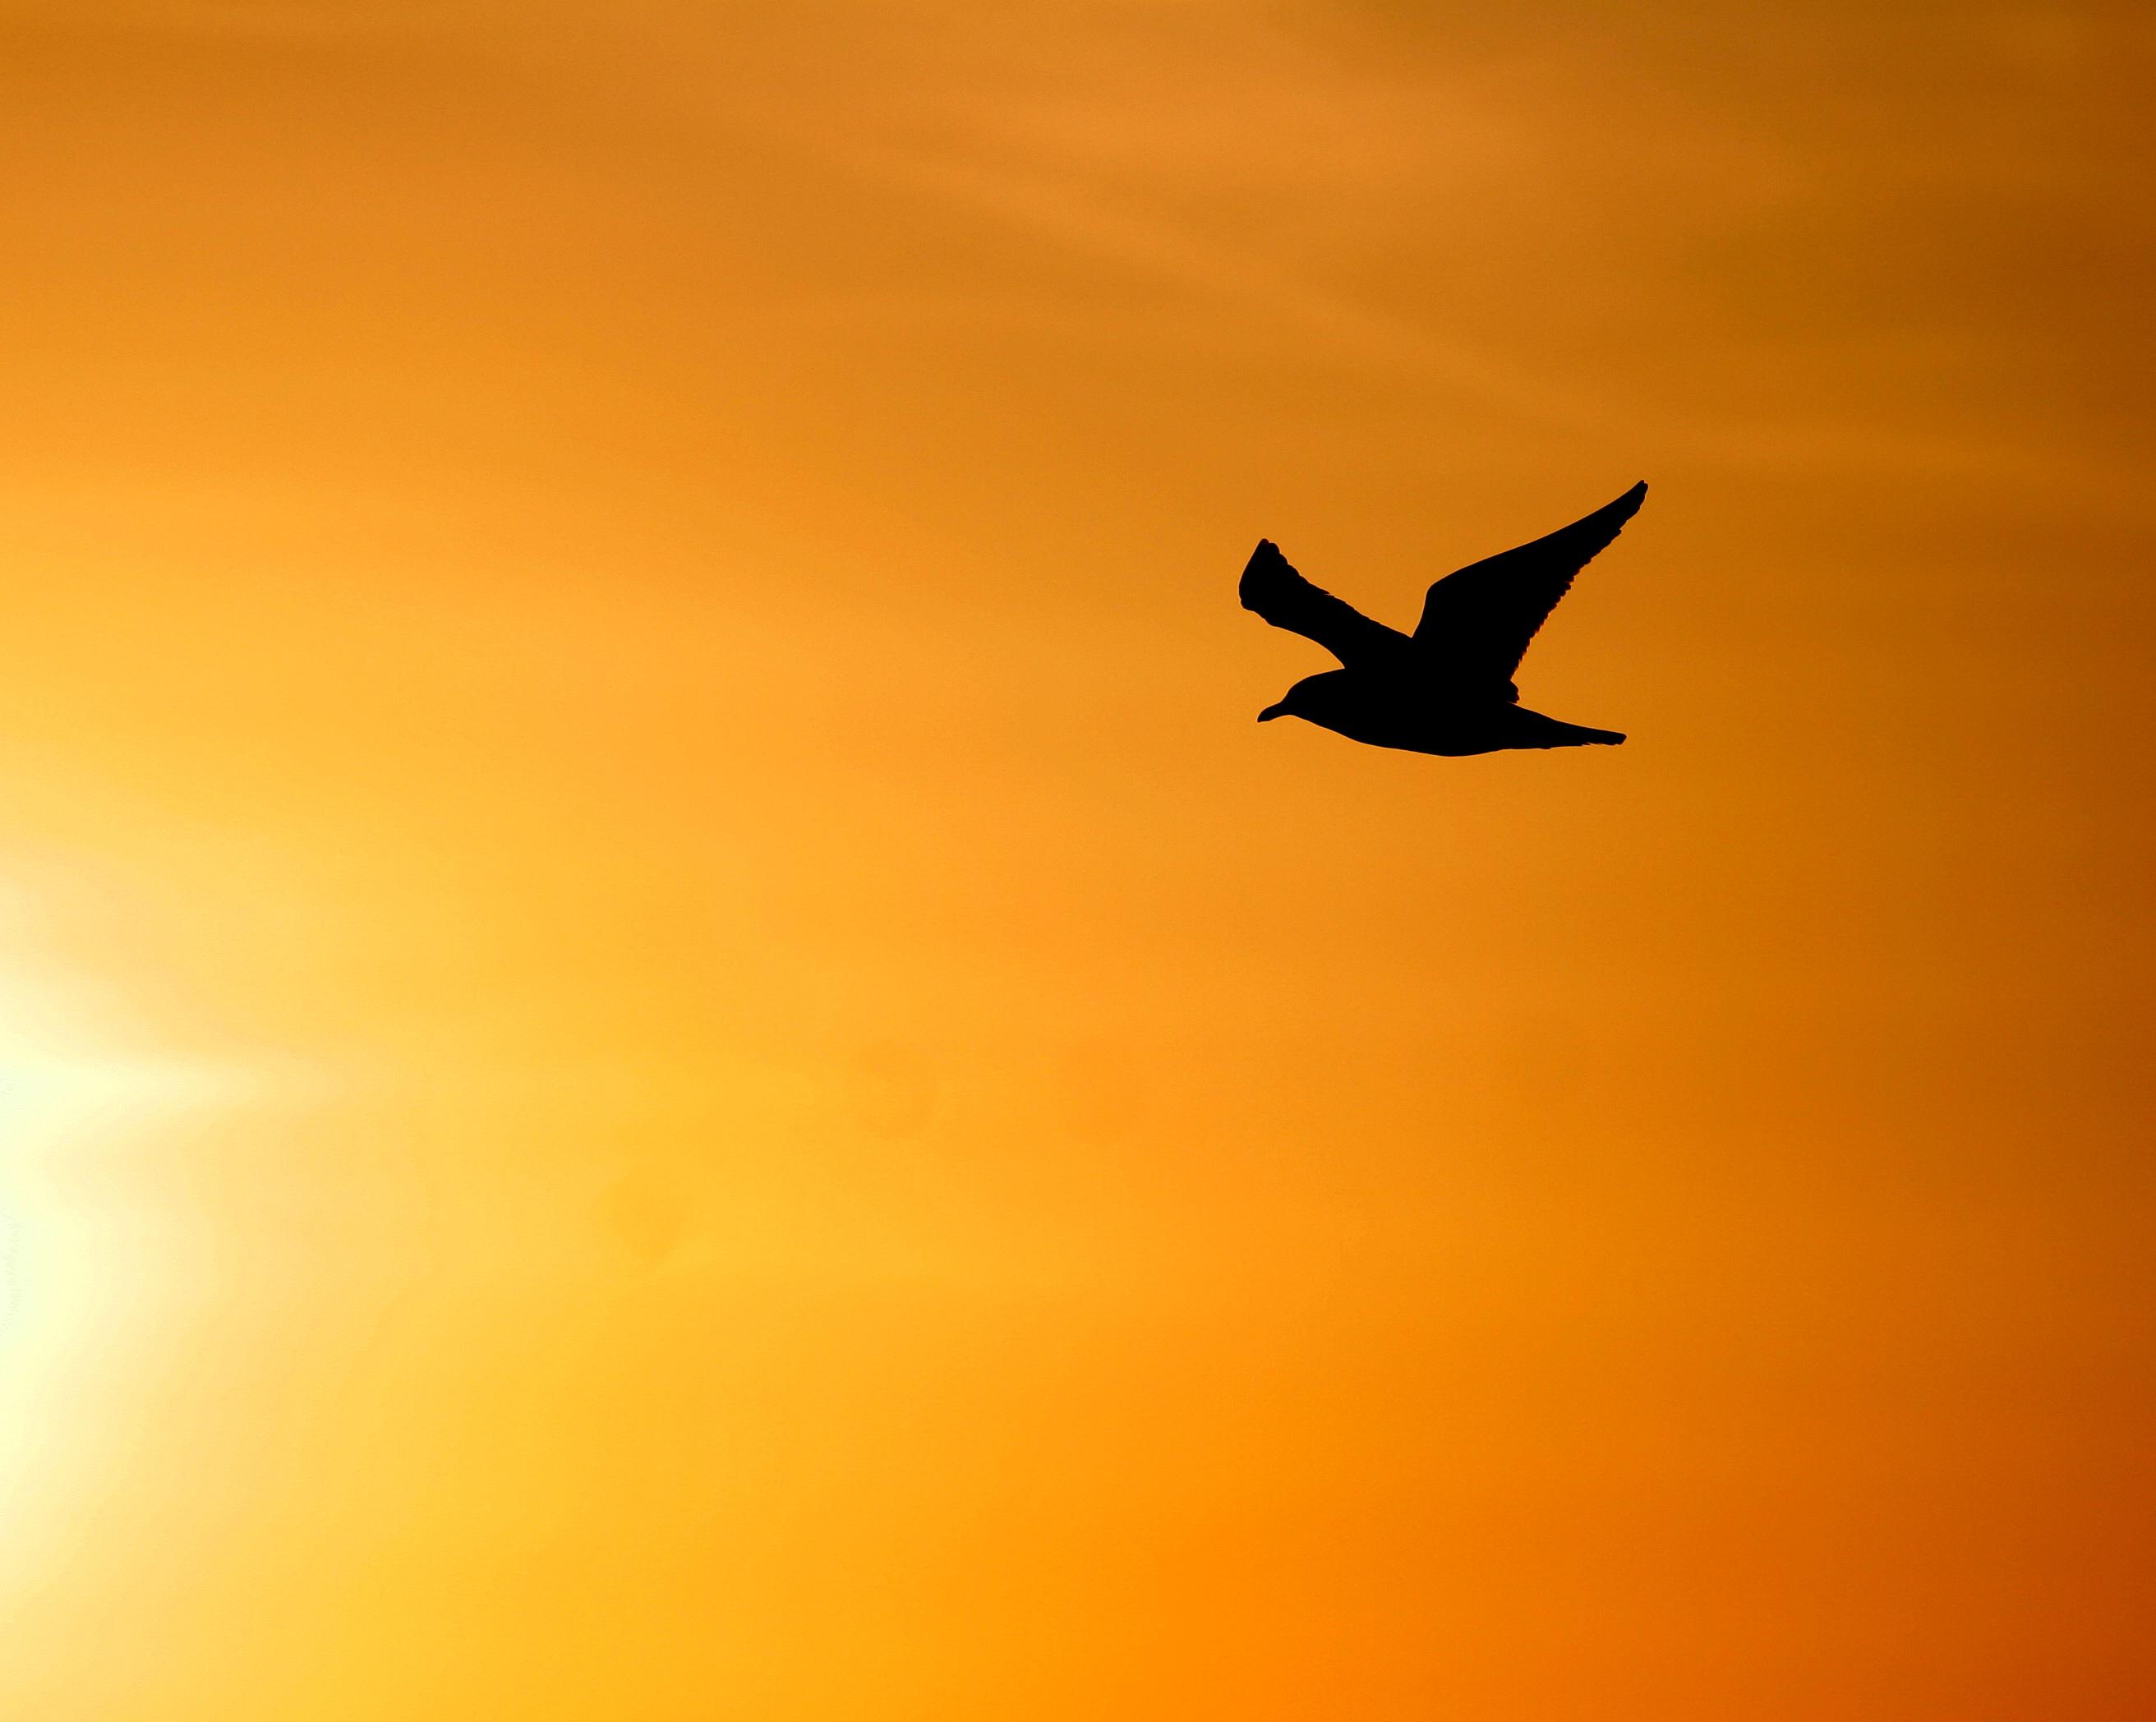 איך יוצאים לחופשי בחיים ומהו חופש אמיתי